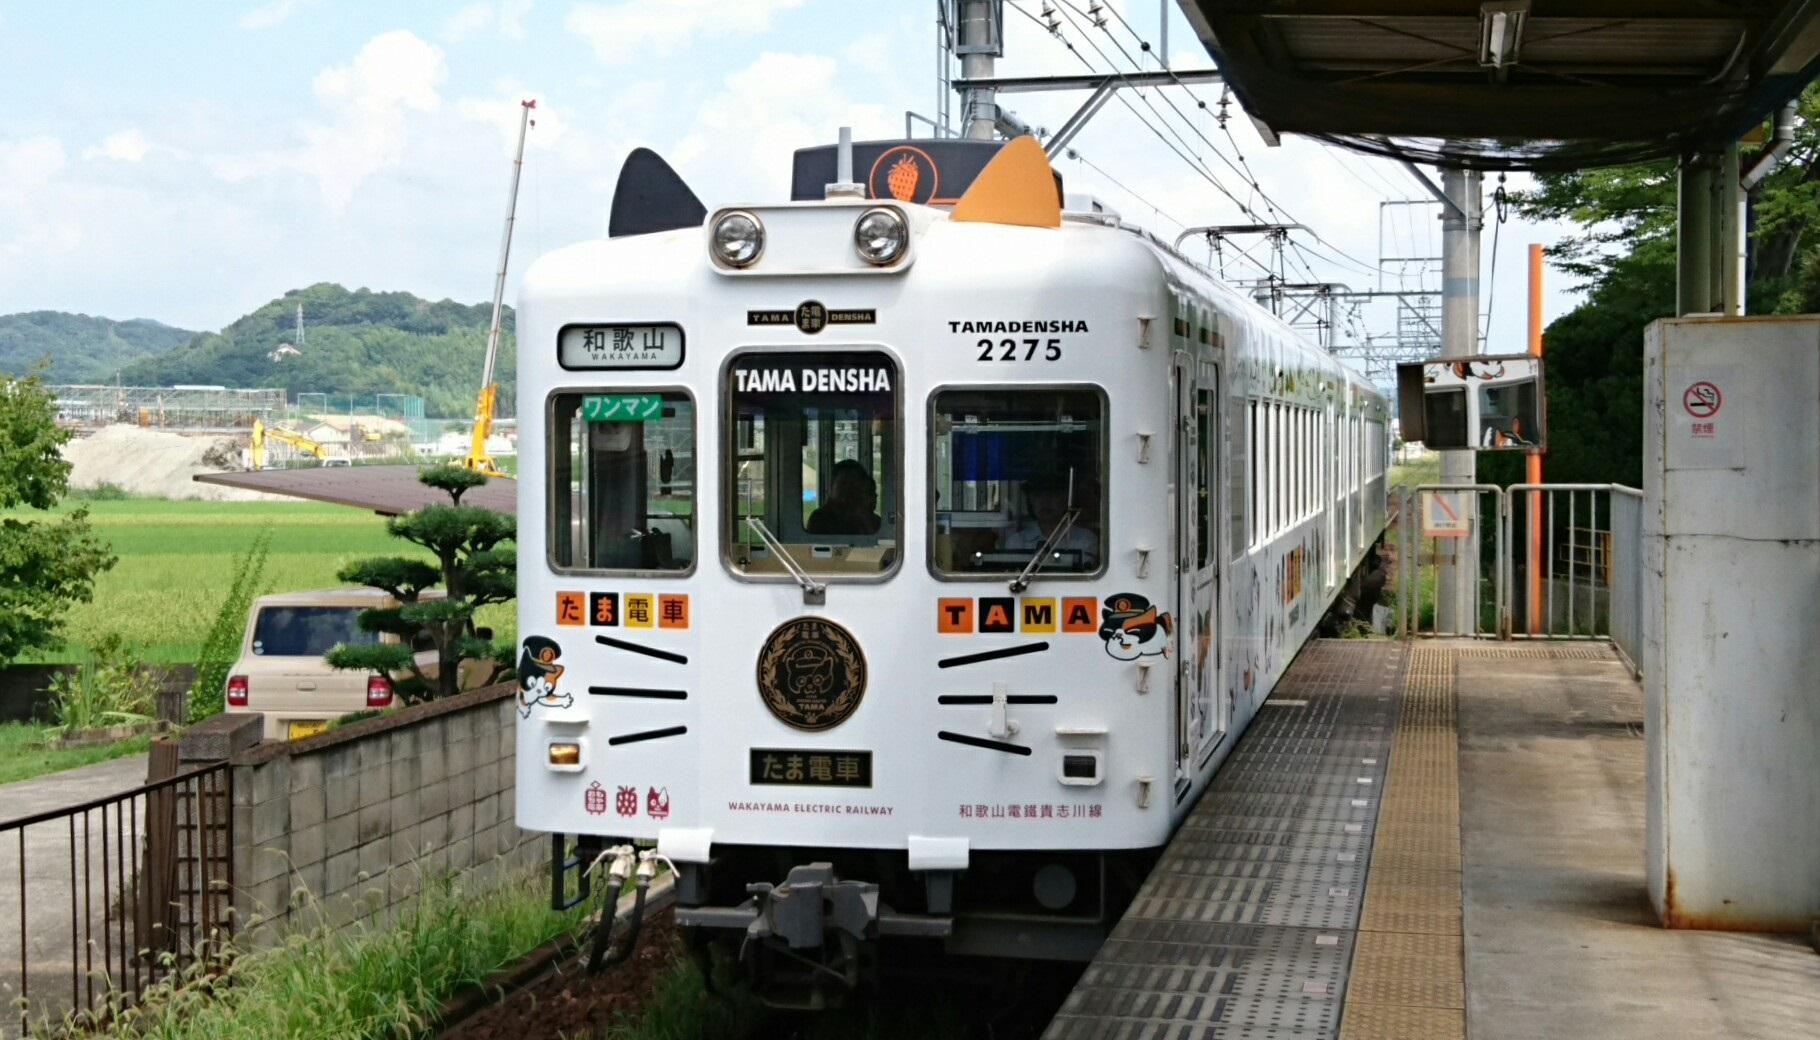 2017.8.17 たま電車 (23) 交通センター前 - 和歌山いきふつう〔たま電車〕 1820-1040